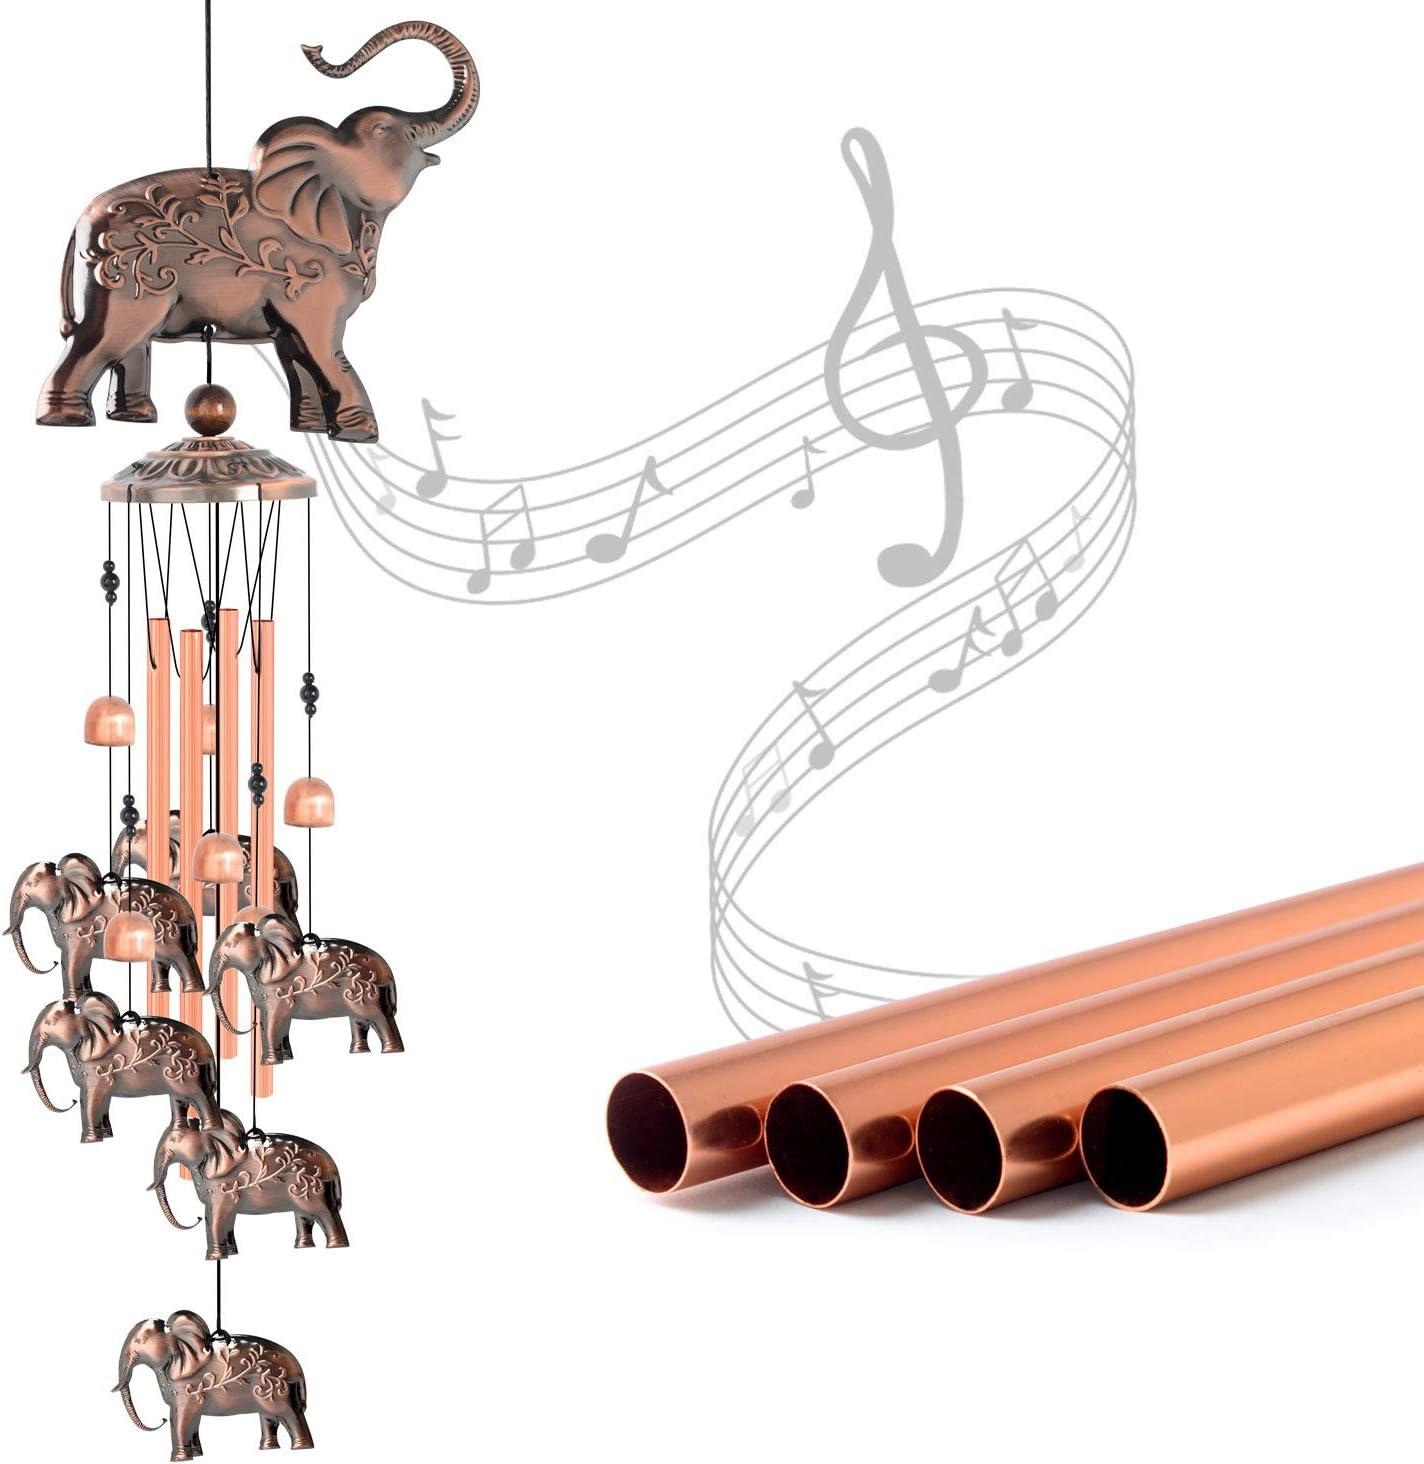 JOBOSI Elephant Wind Chime, Copper Wind Chime, Elephant Decor, Garden Decor, Yard Decor, Elephant Gifts